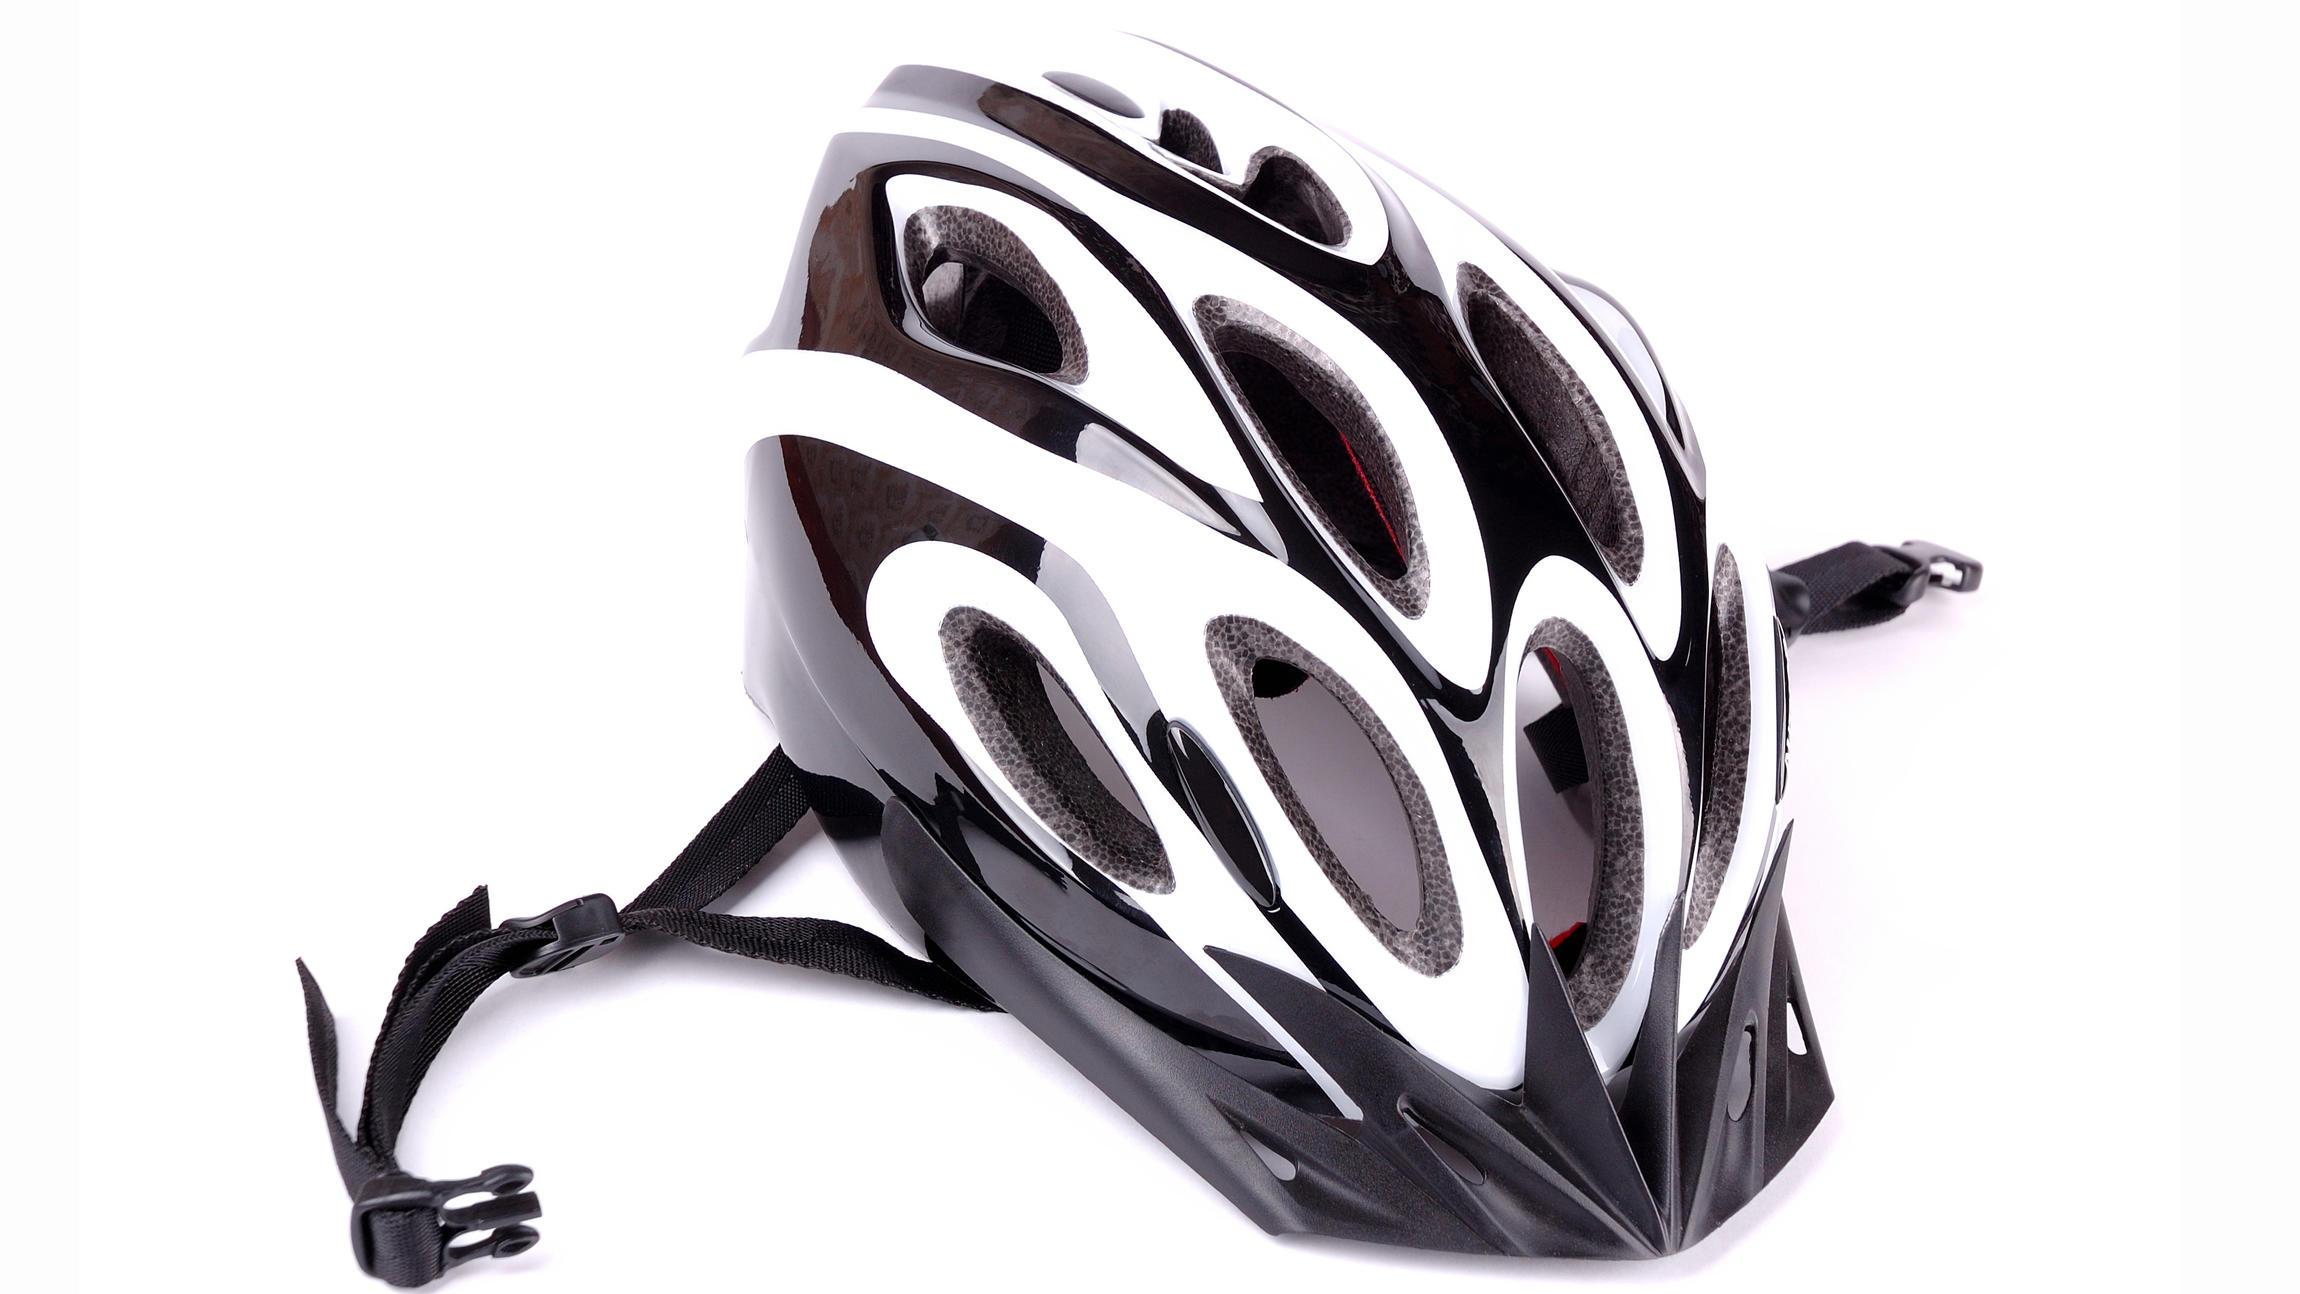 cykelhjelm holder